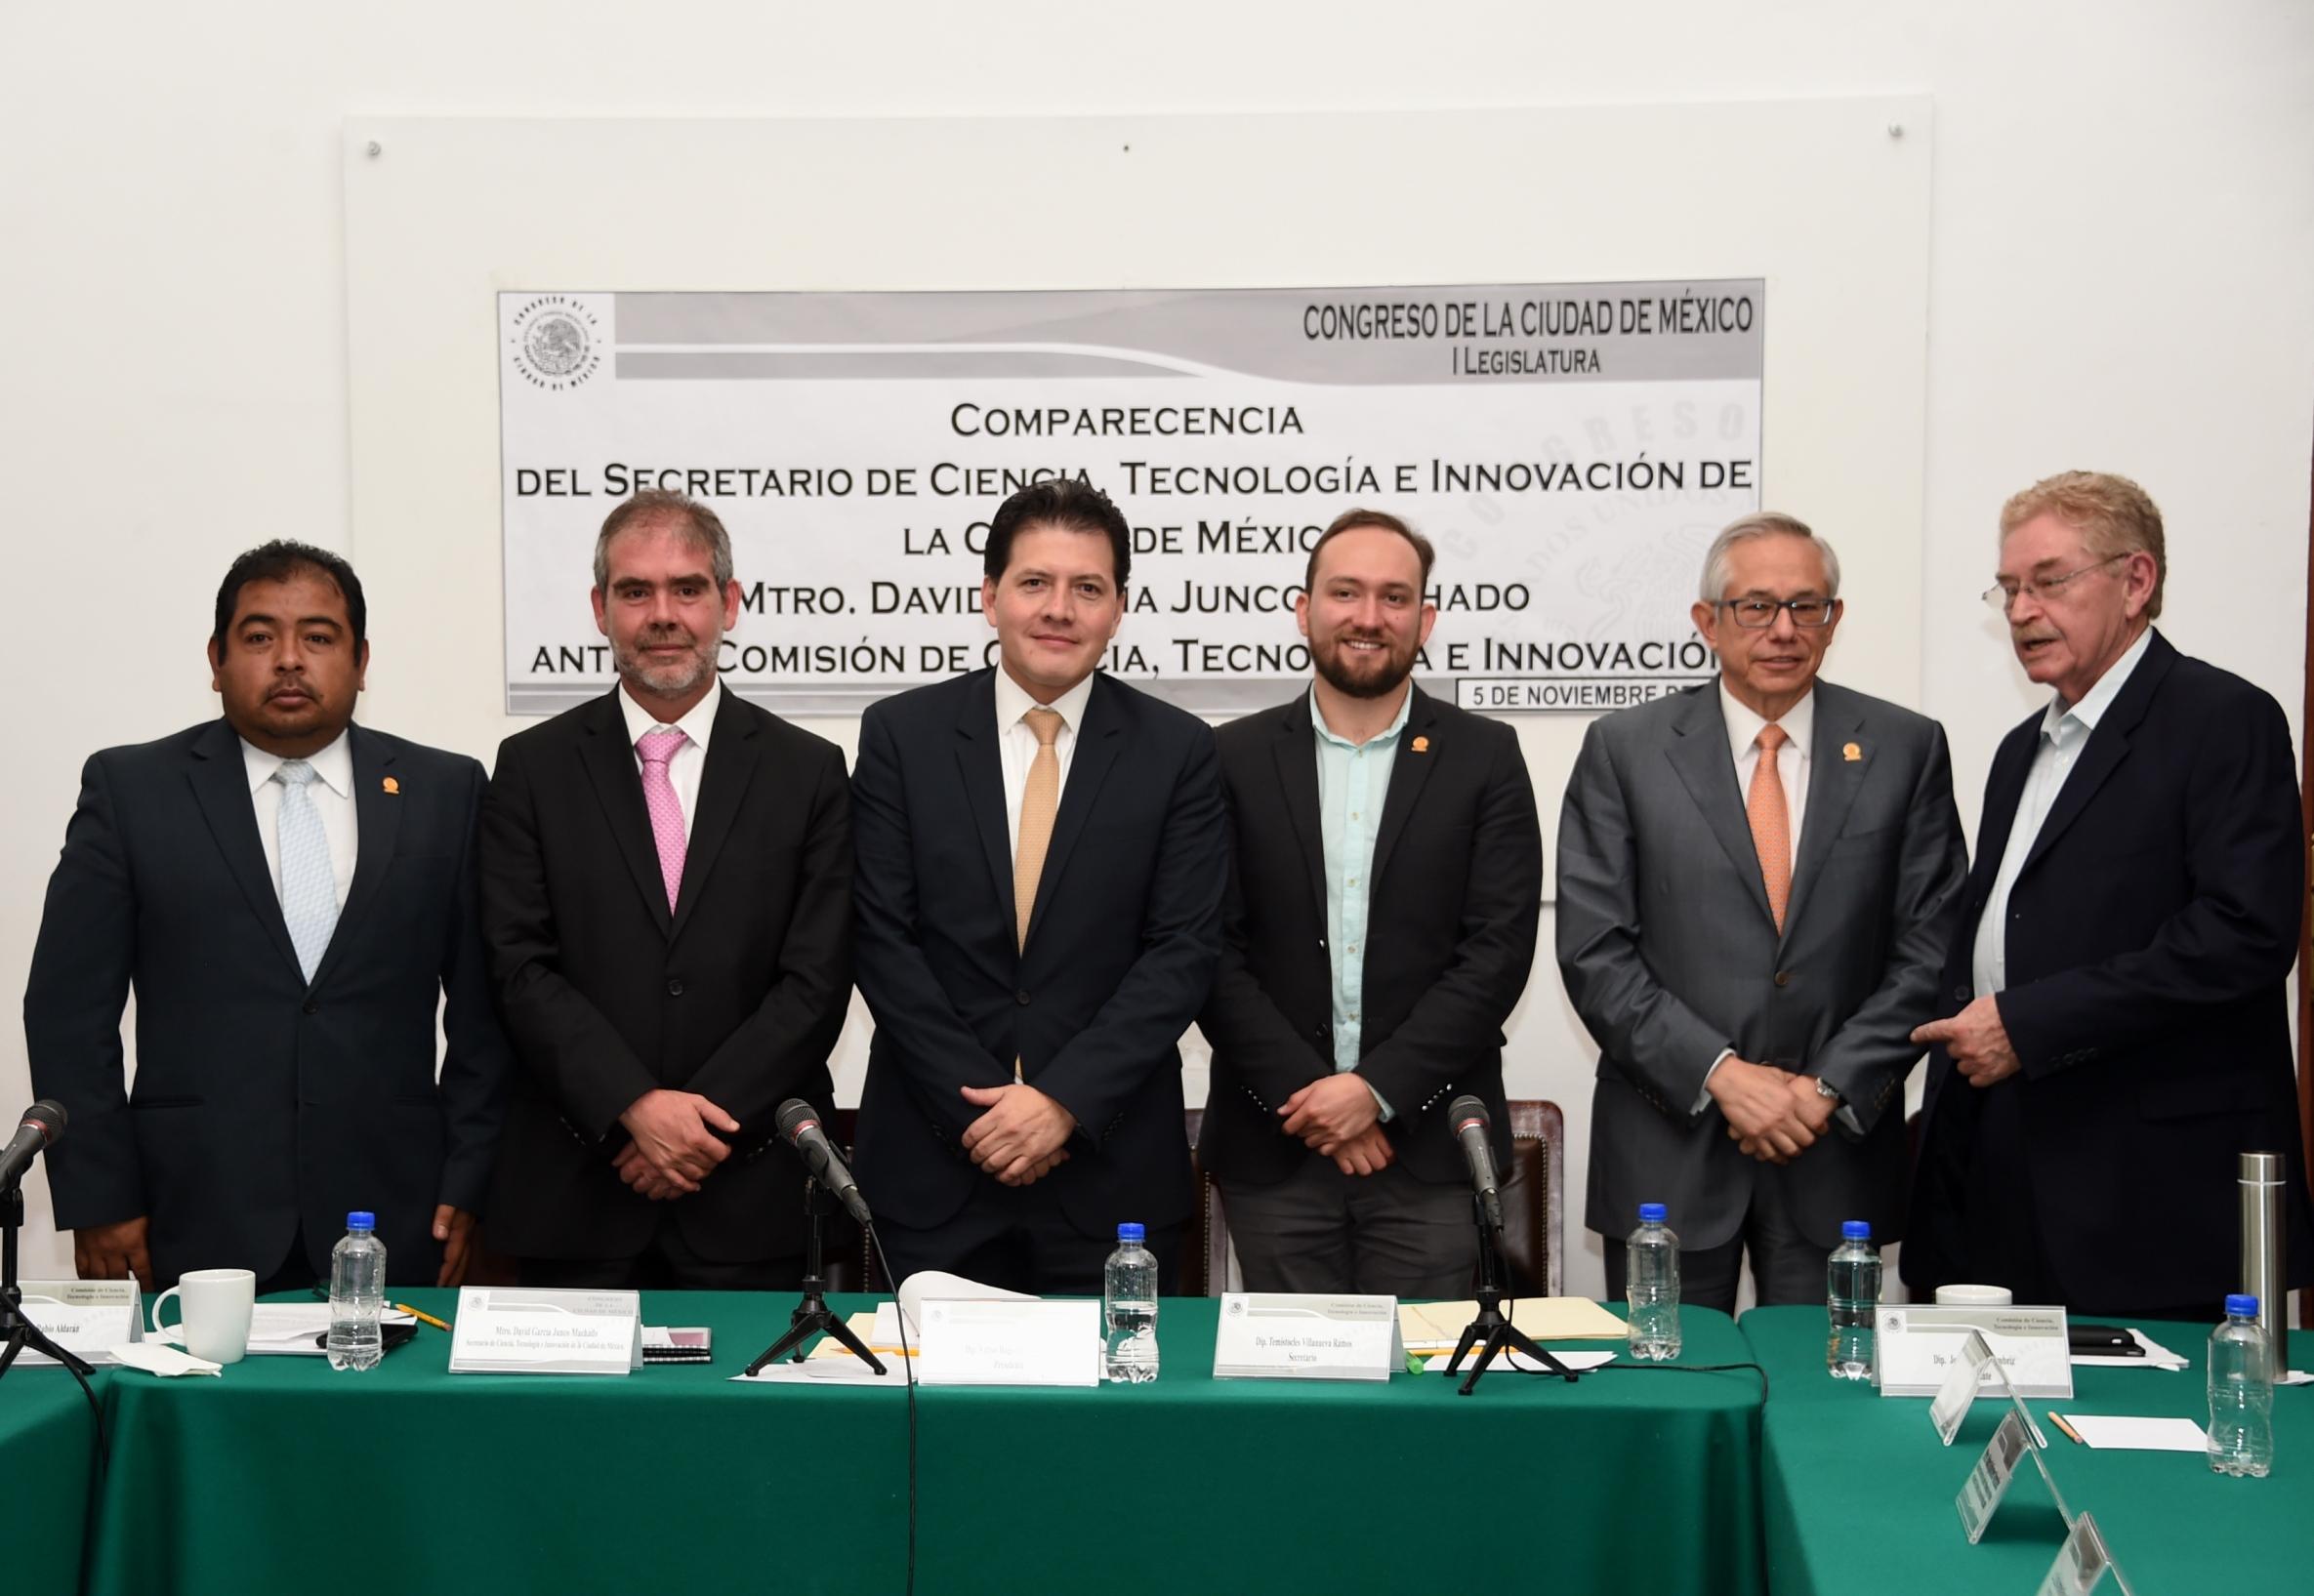 CONGRESO DE LA CDMX SUGIERE NO DESAPARECER LA SECRETARÍA DE CIENCIA, TECNOLOGÍA E INNOVACIÓN